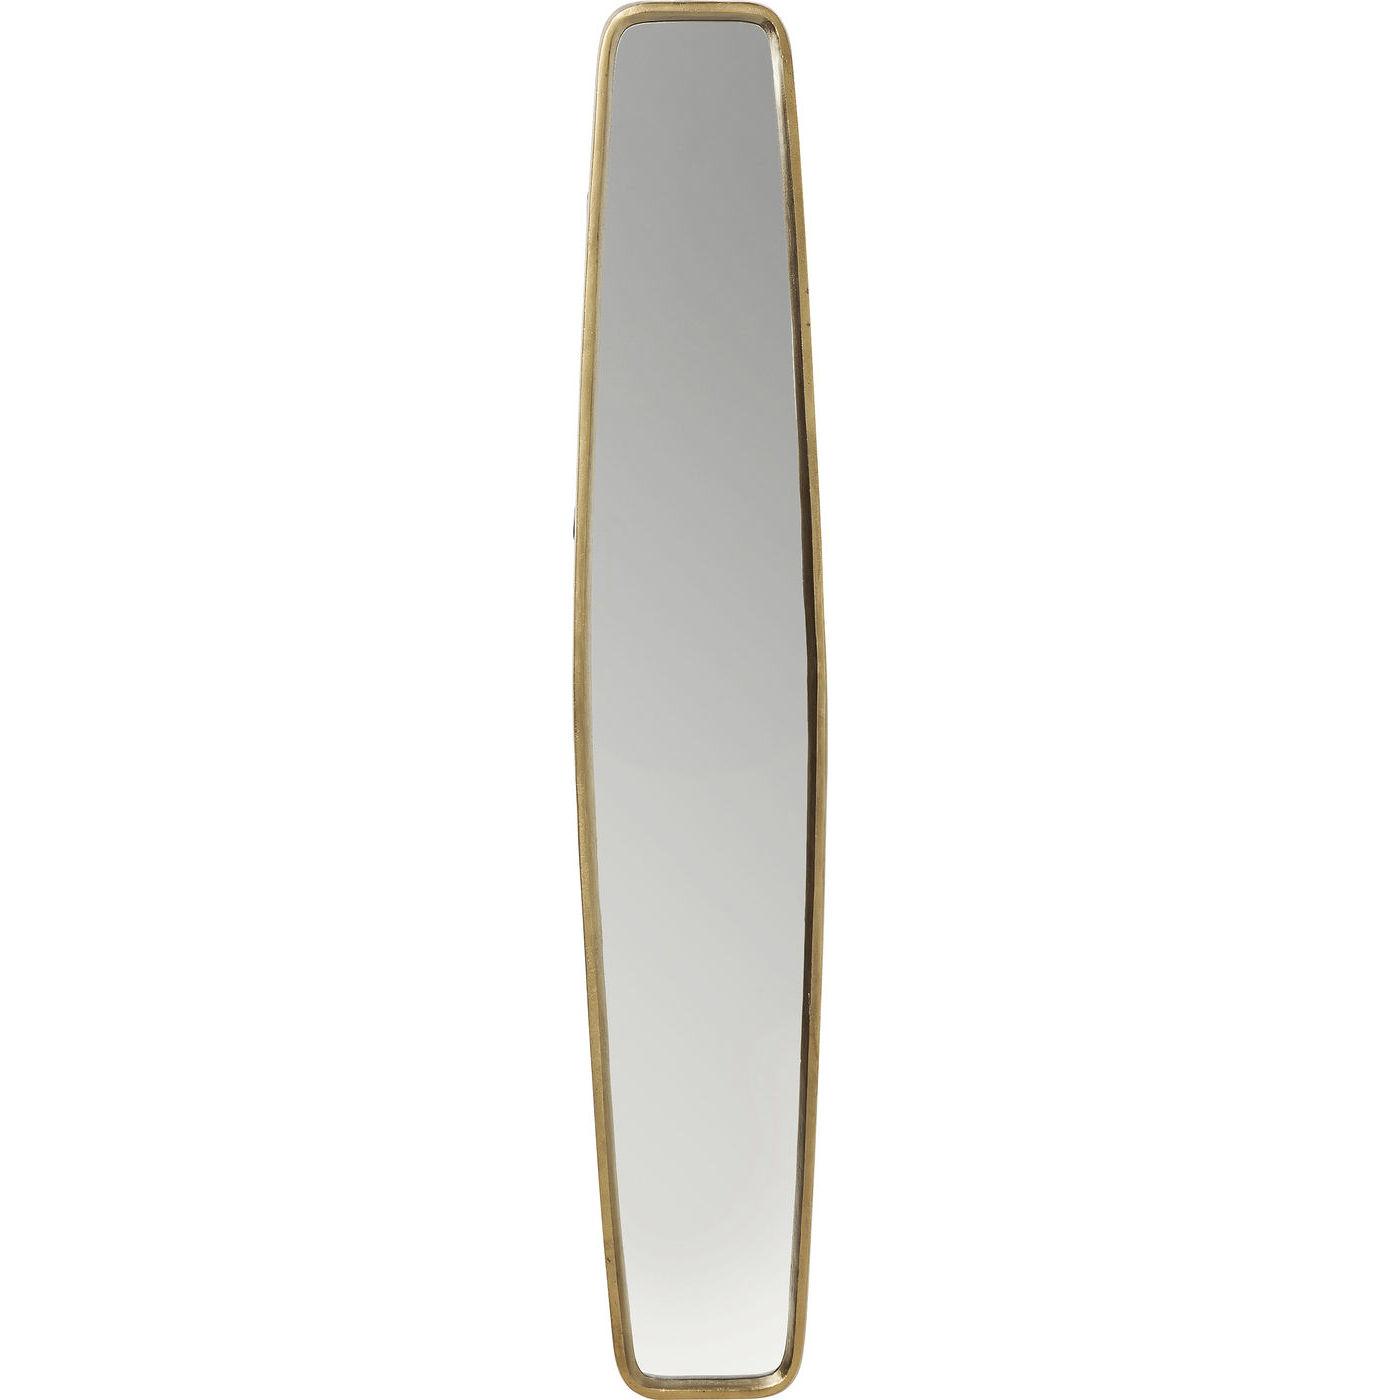 Image of   KARE DESIGN Spejl, Clip Brass 177x32cm